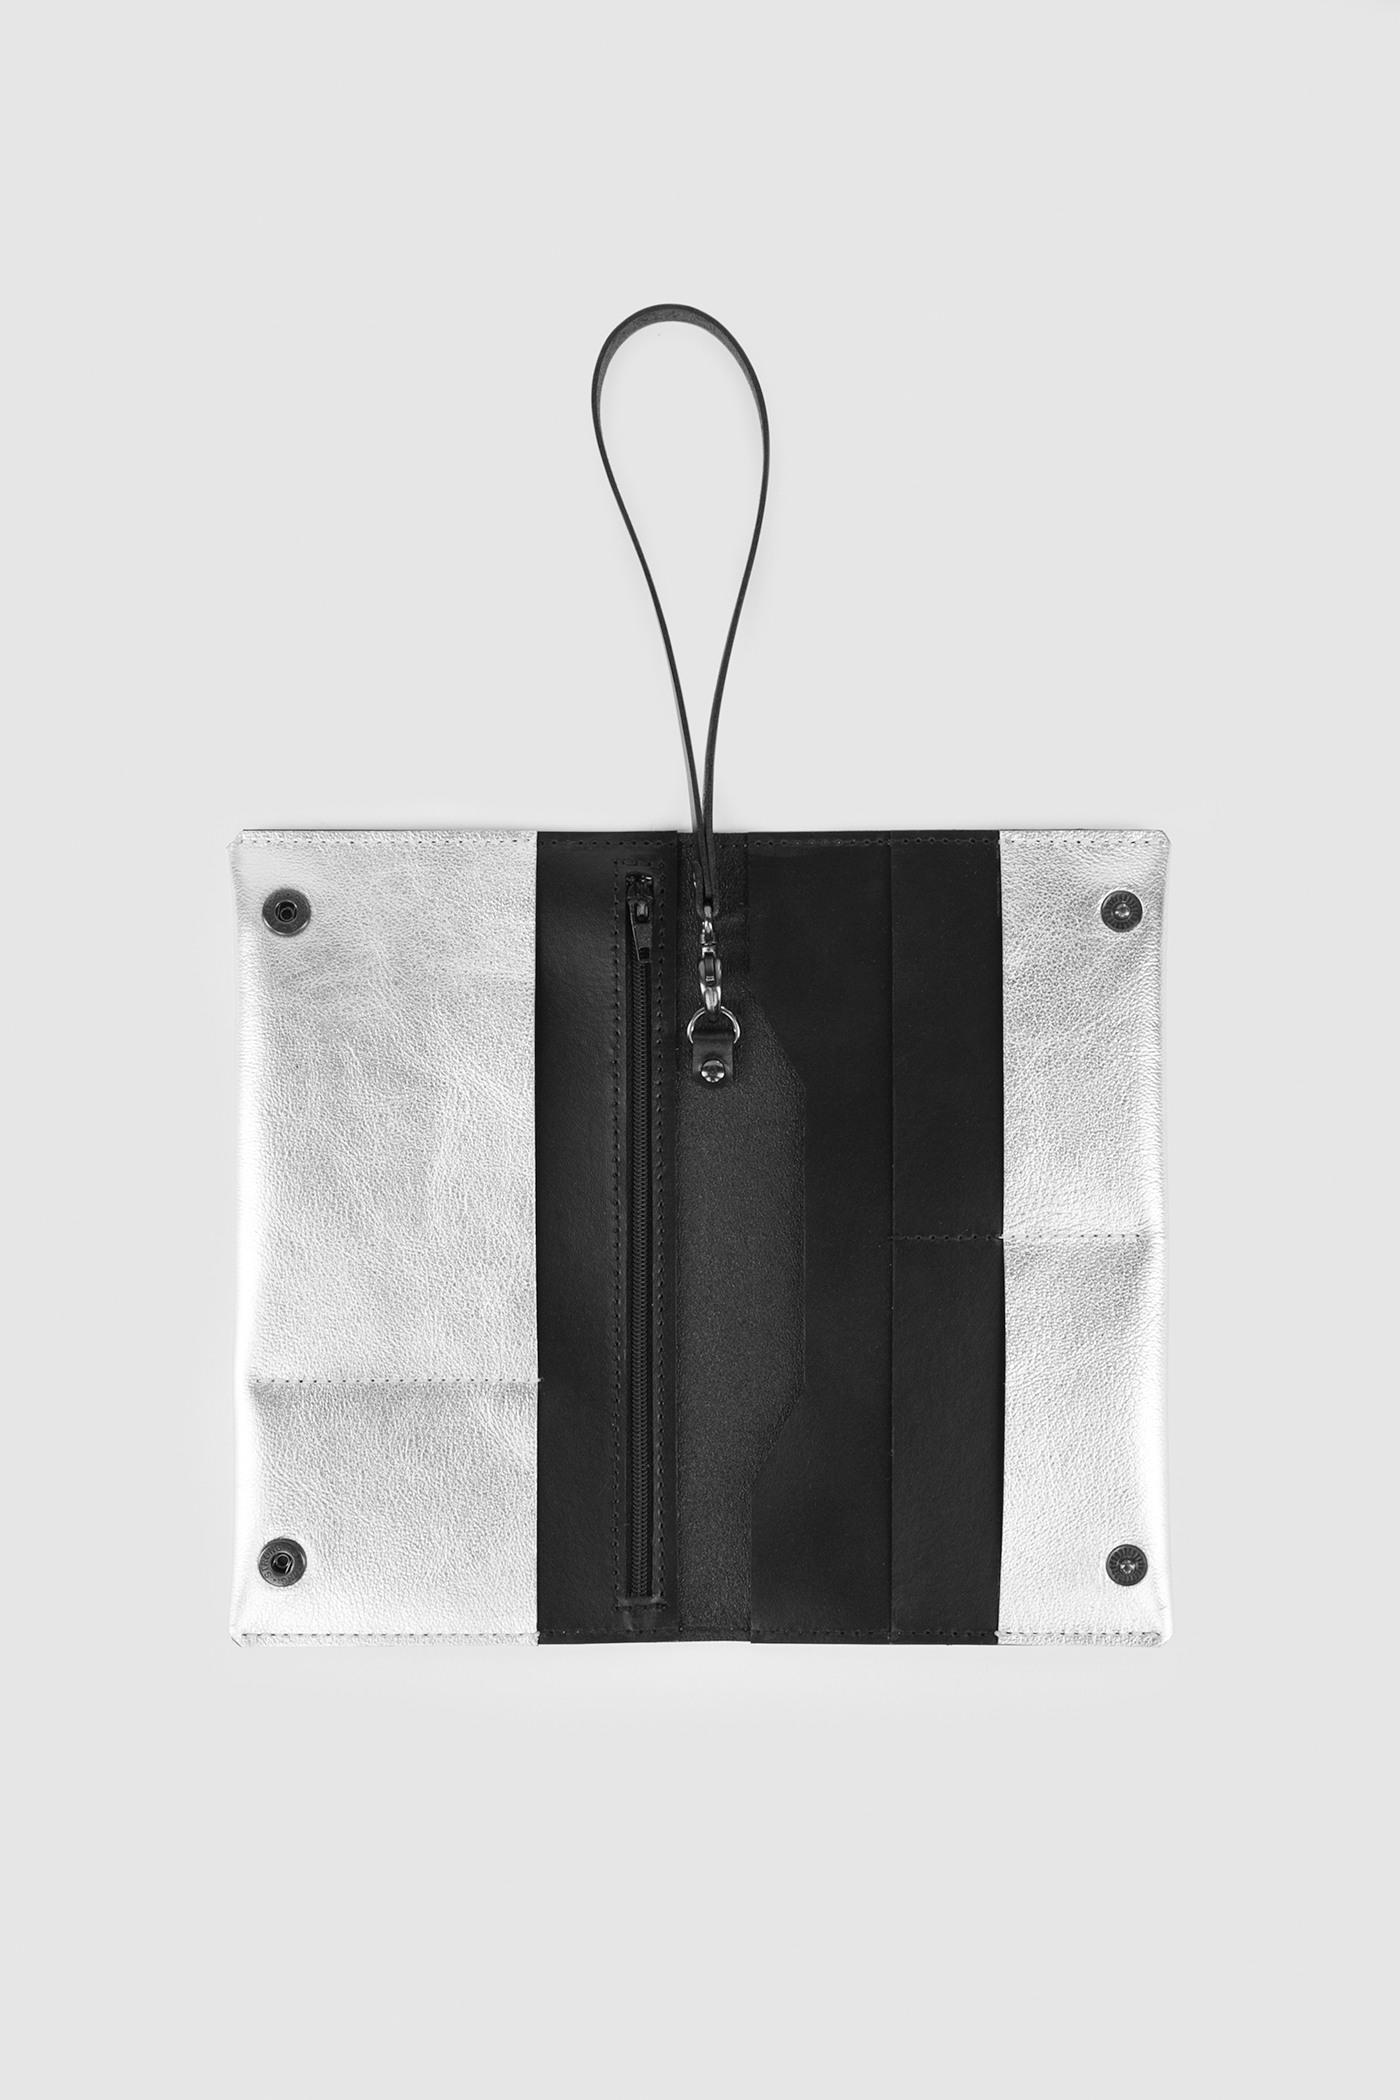 Холдер/ТревелТревел ручной работы. Каждый аксессуар создается вручную на заказ из натуральной кожи.&#13;<br>&#13;<br>&#13;<br>несколько внутренних отделений для денежных купюр и пластиковых карт&#13;<br>&#13;<br>застегивается на металлические кнопки&#13;<br>&#13;<br>размеры - 12 х 20.5 см&#13;<br>&#13;<br>в расстегнутом виде - 20.5х24 см&#13;<br>&#13;<br>дополнительная съемная ручка<br><br>Цвет: Серебро, Черный, Красный